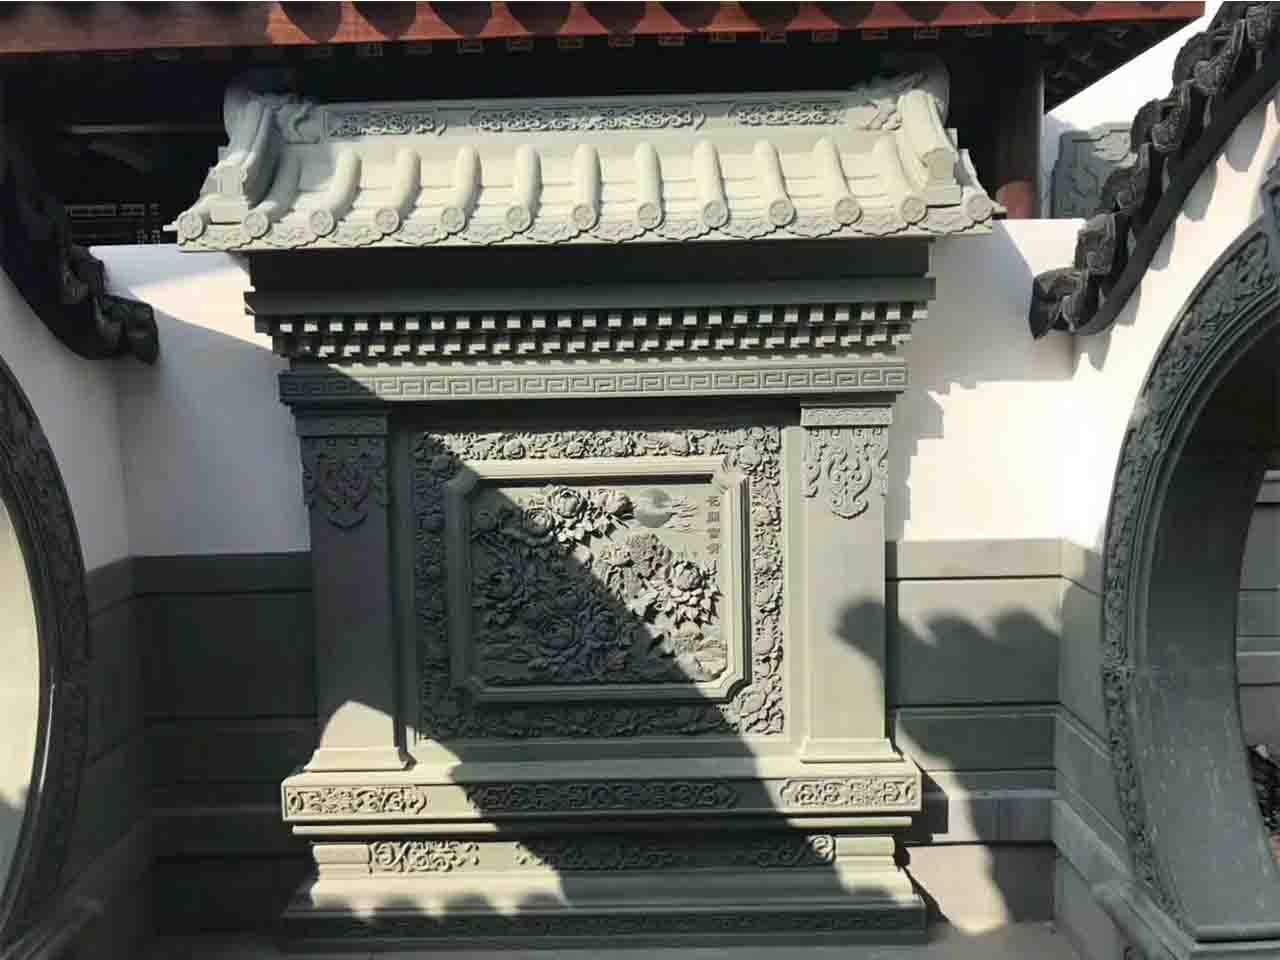 嘉祥浮雕热线 泉州鼎尚石业供应